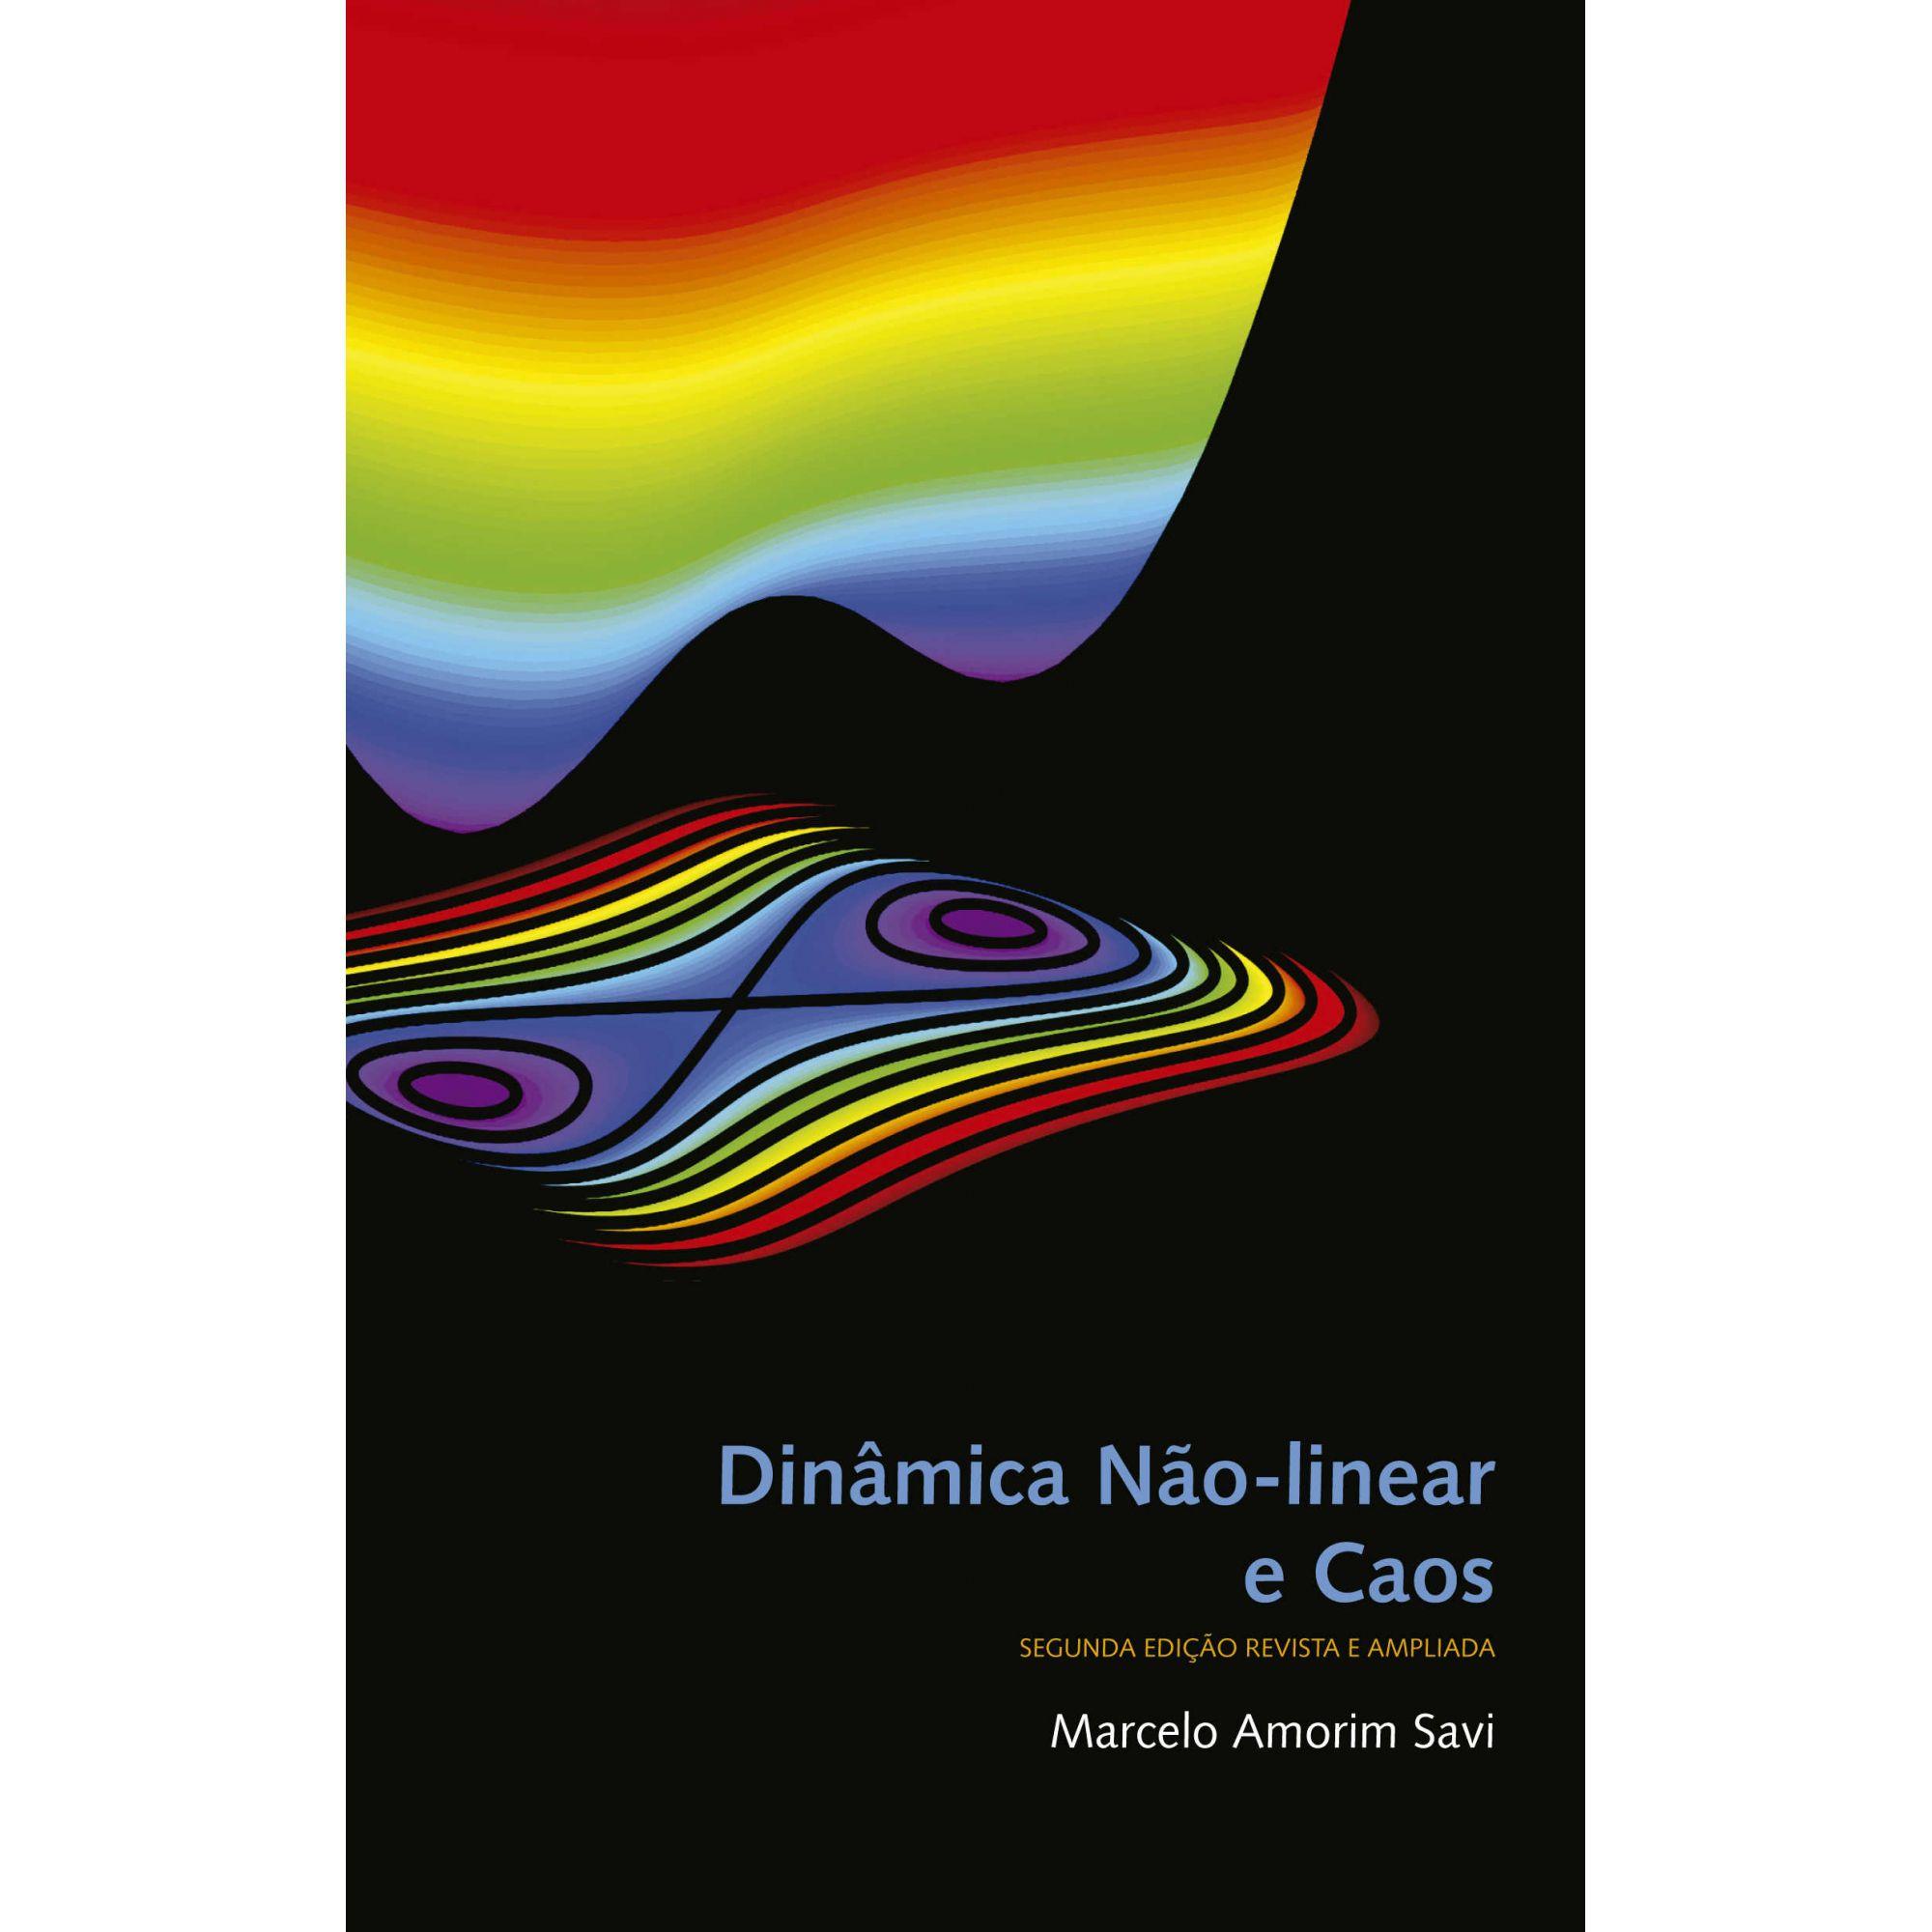 Dinâmica Não-linear e Caos - 2a edição